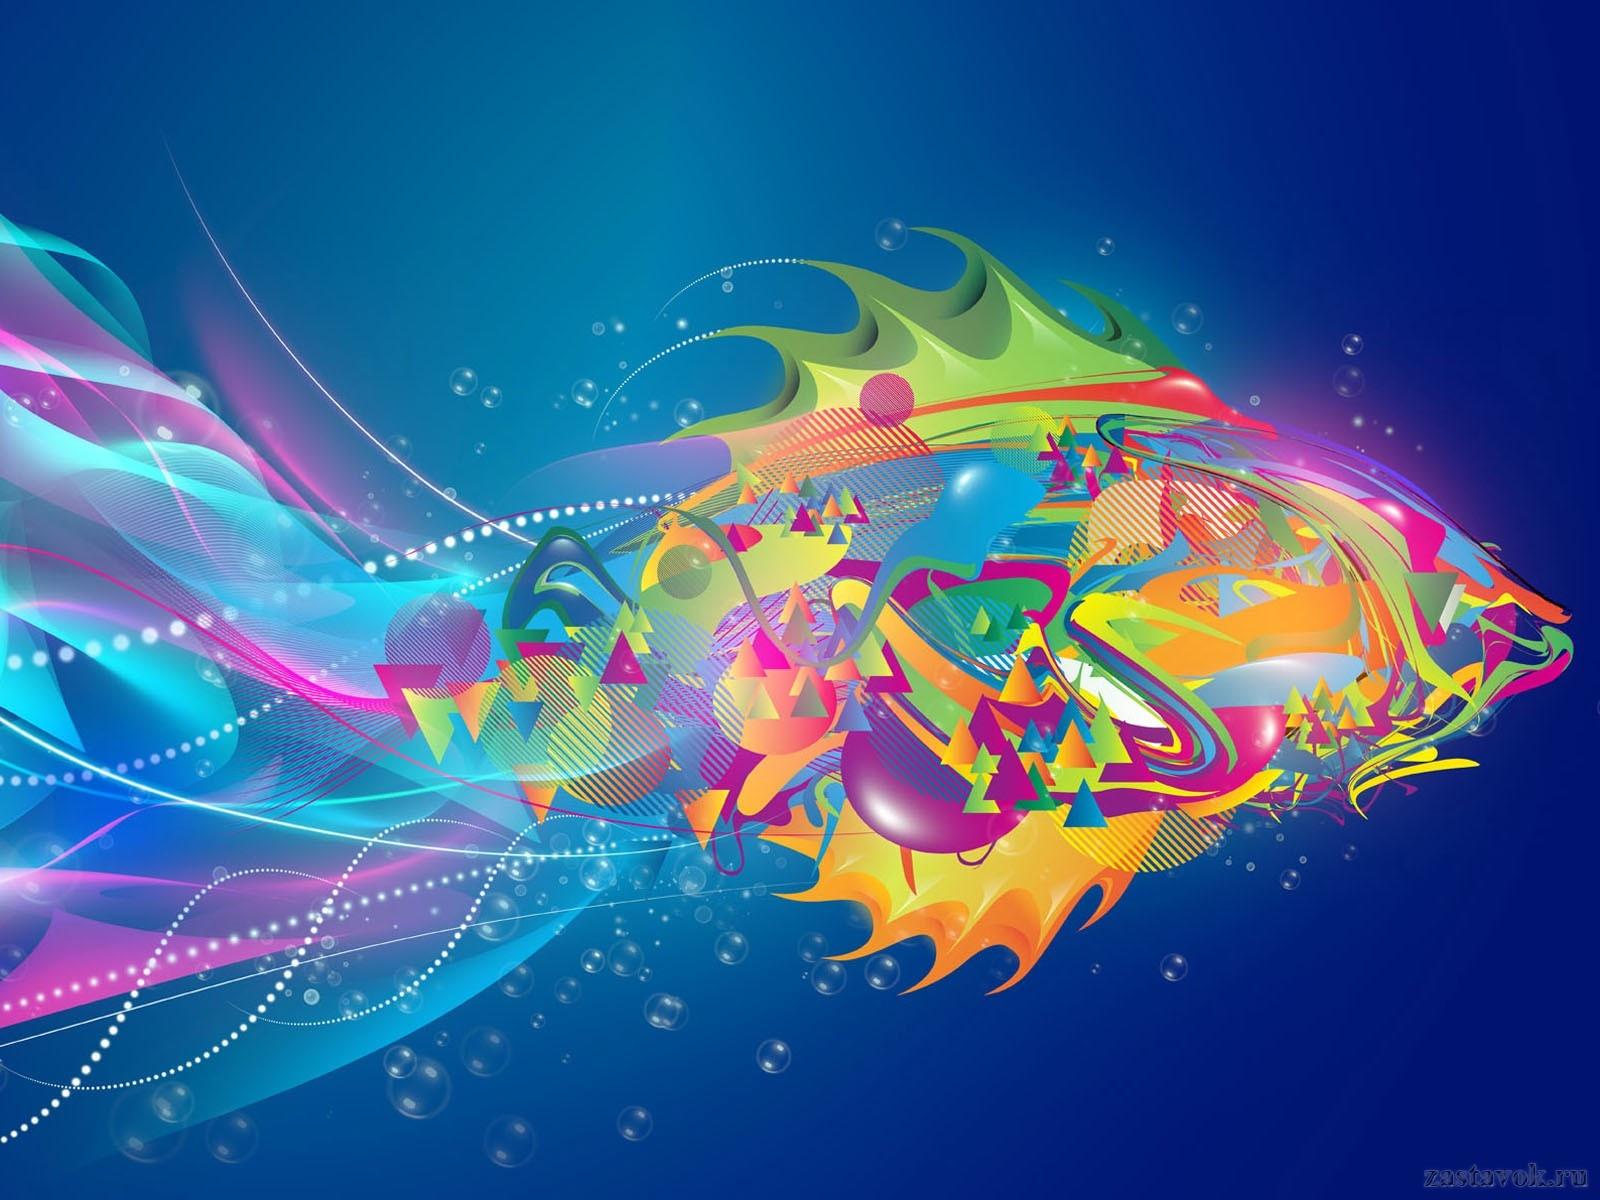 ラップトップのための素晴らしいカラフルな壁紙 無料の壁紙 1600x10 Wallpapertip